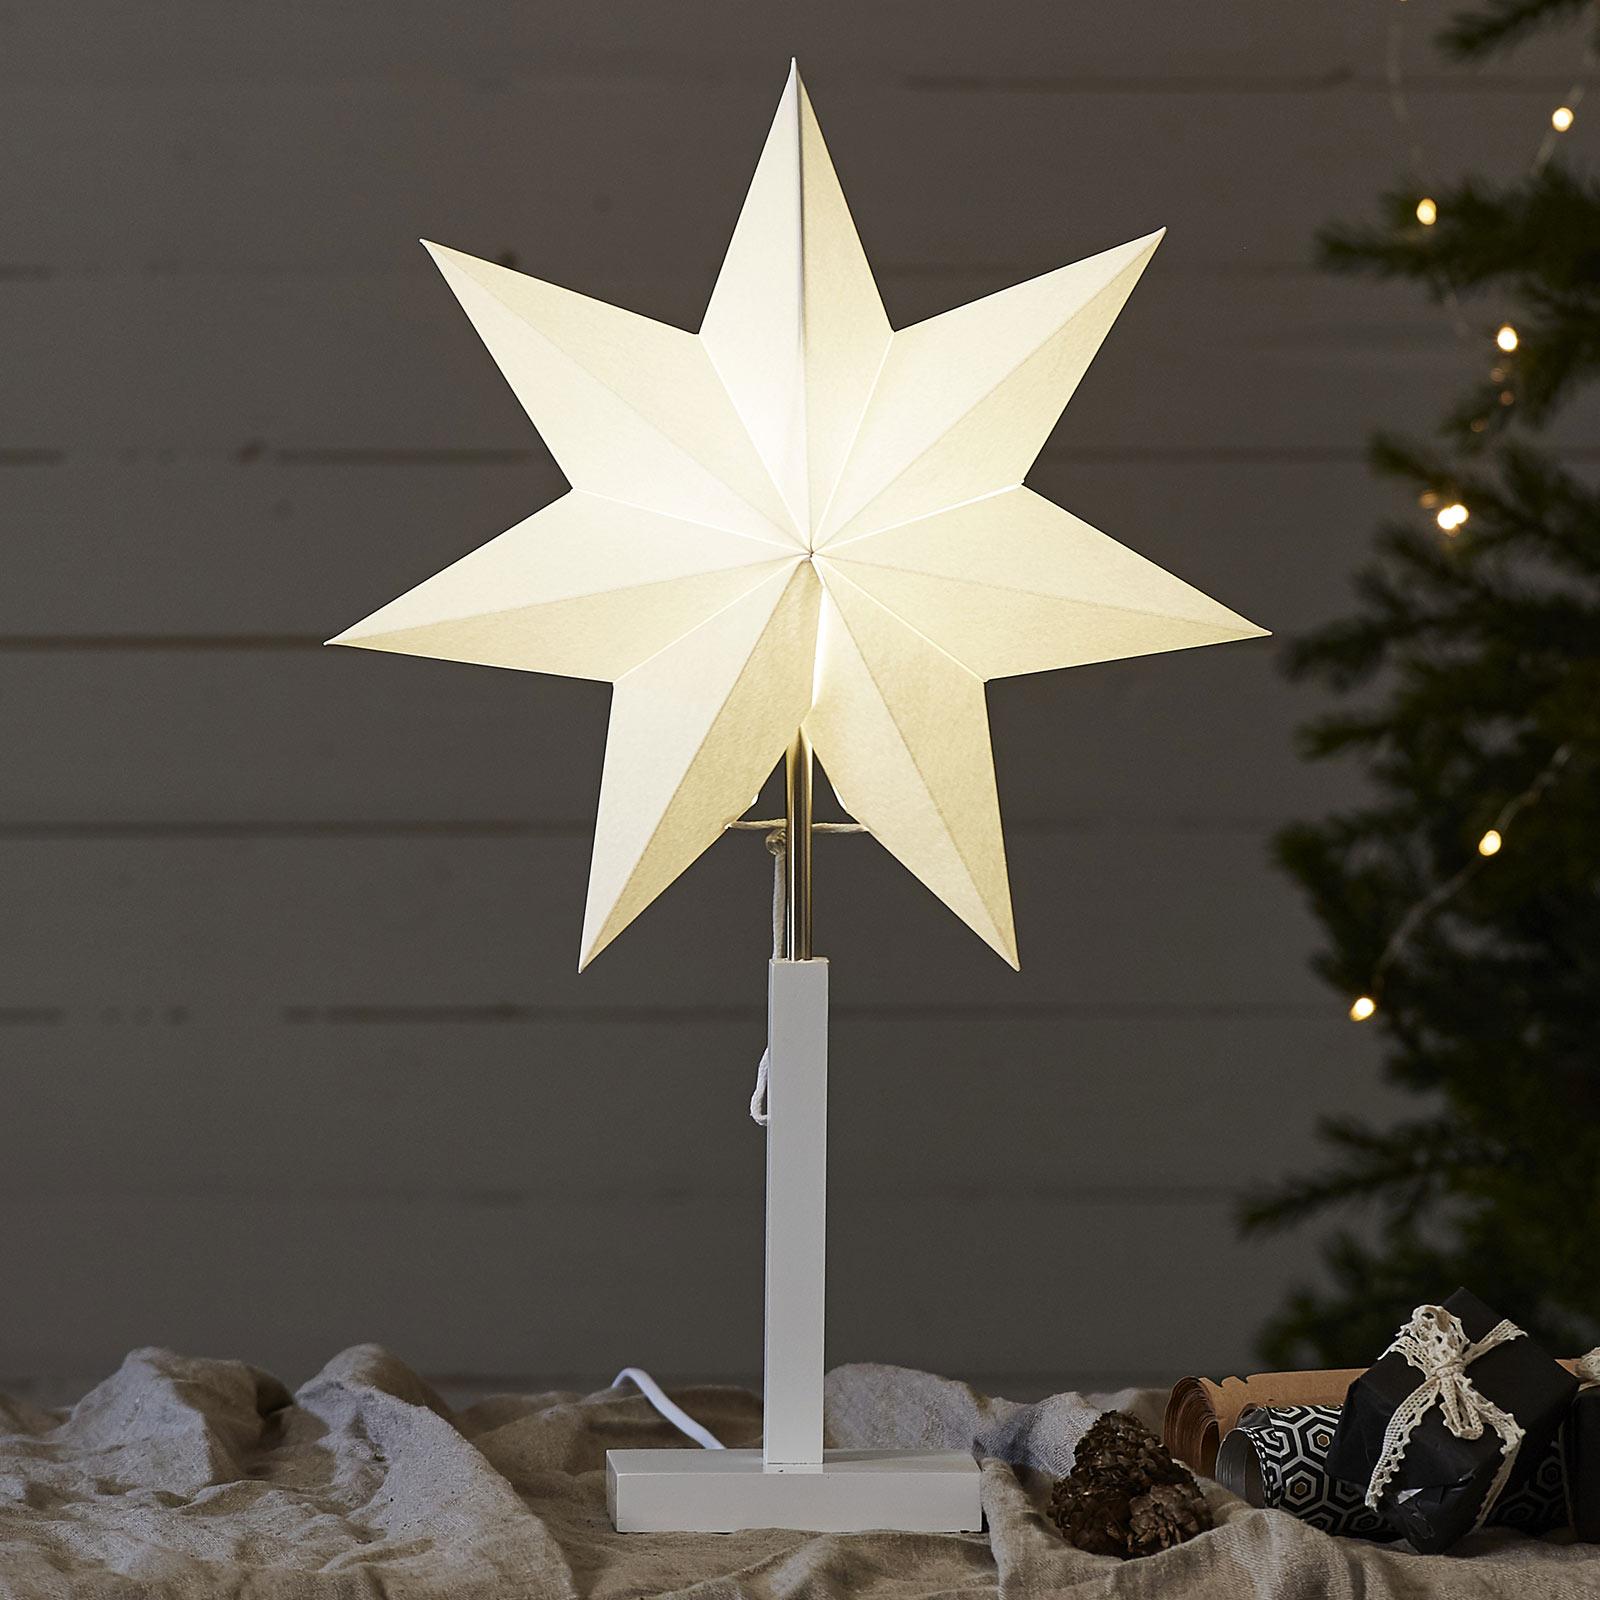 Stående stjerne Karo, høyde 55 cm